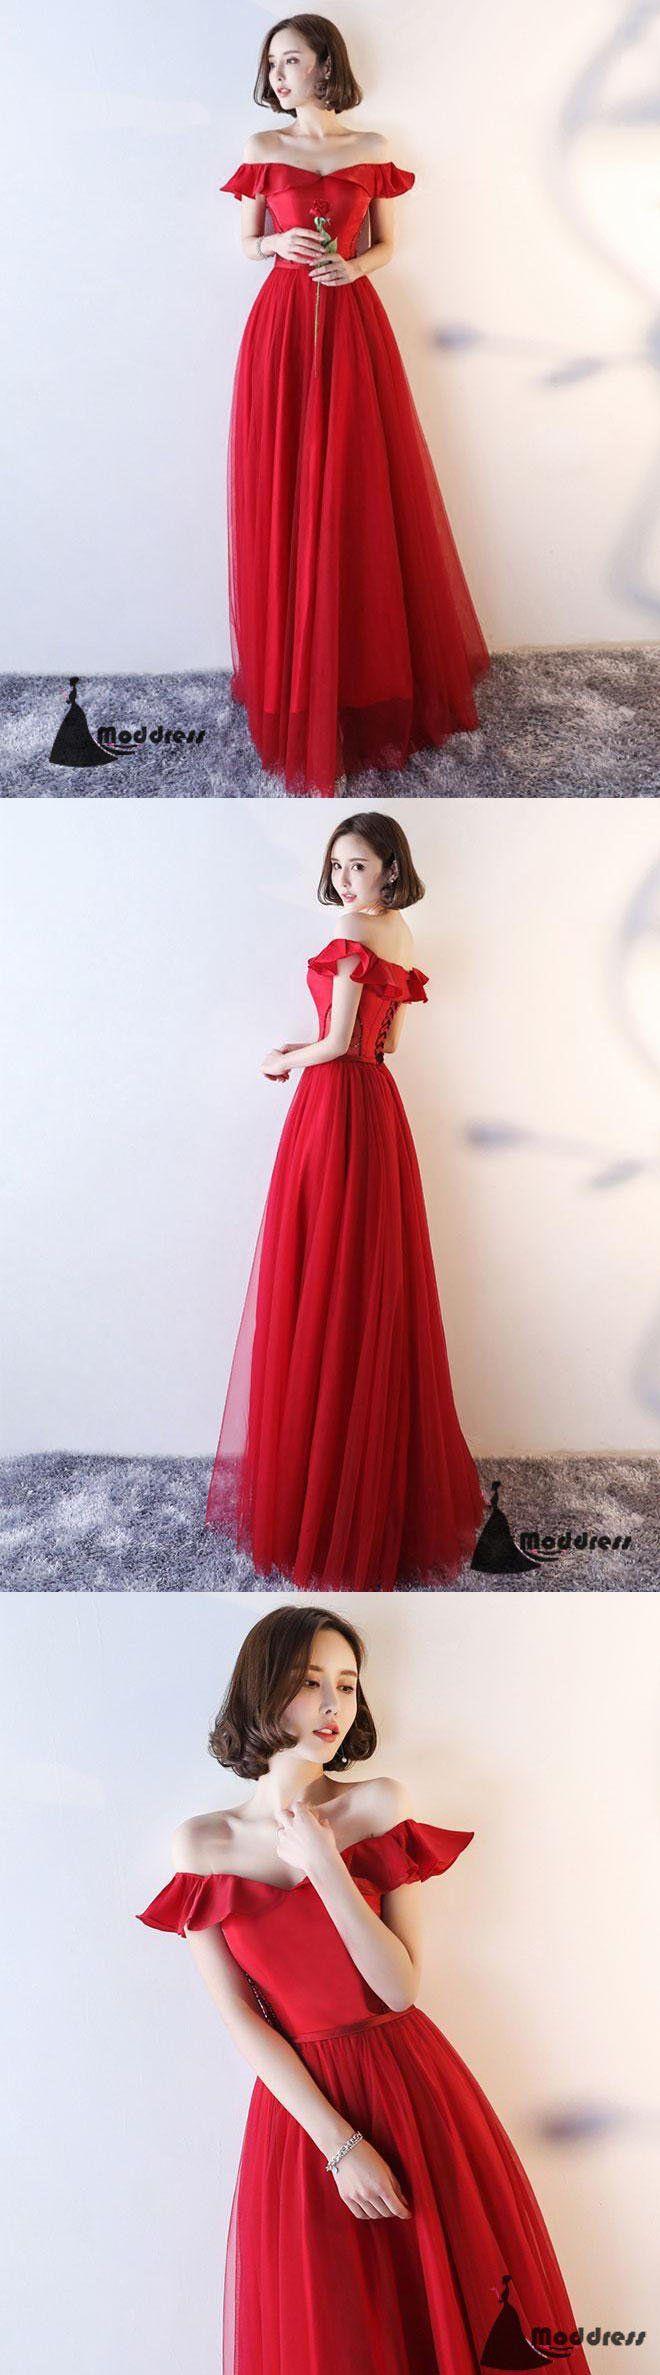 Red long prom dress off the shoulder evening dress aline formal